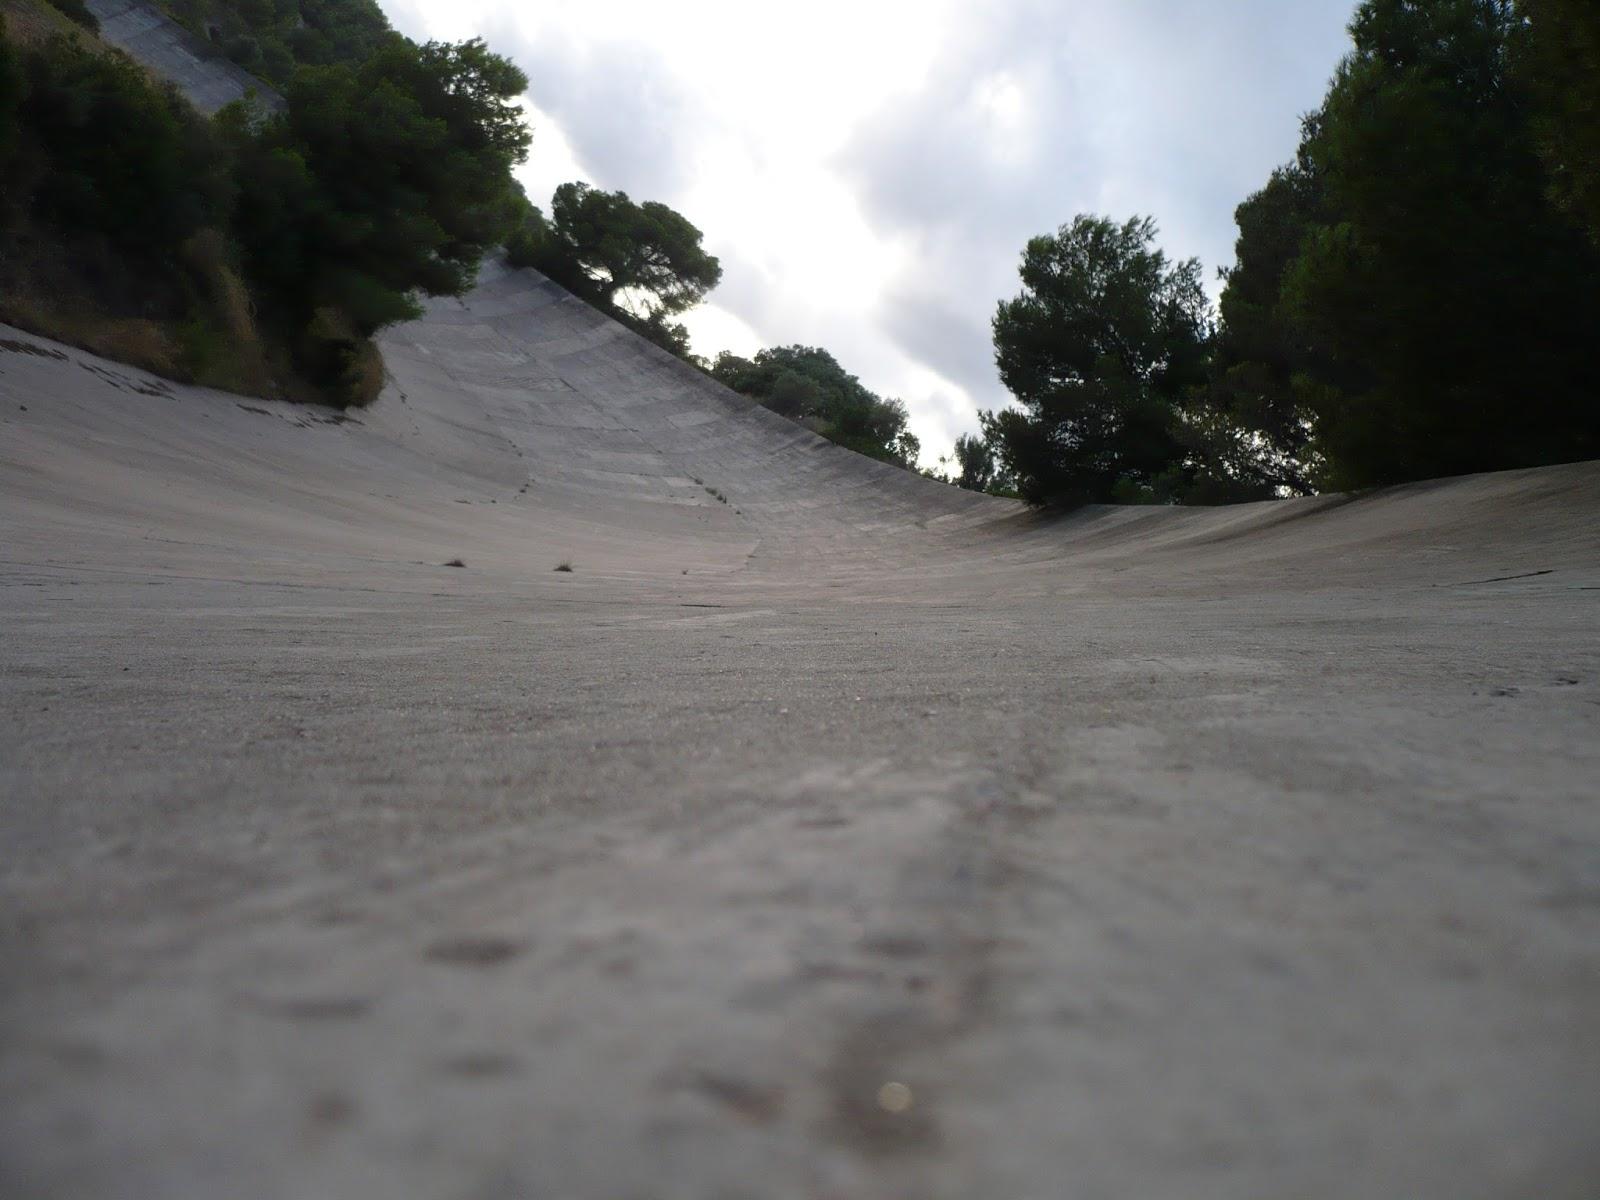 Circuito Terramar : Viejas sombras circuito terramar sitges